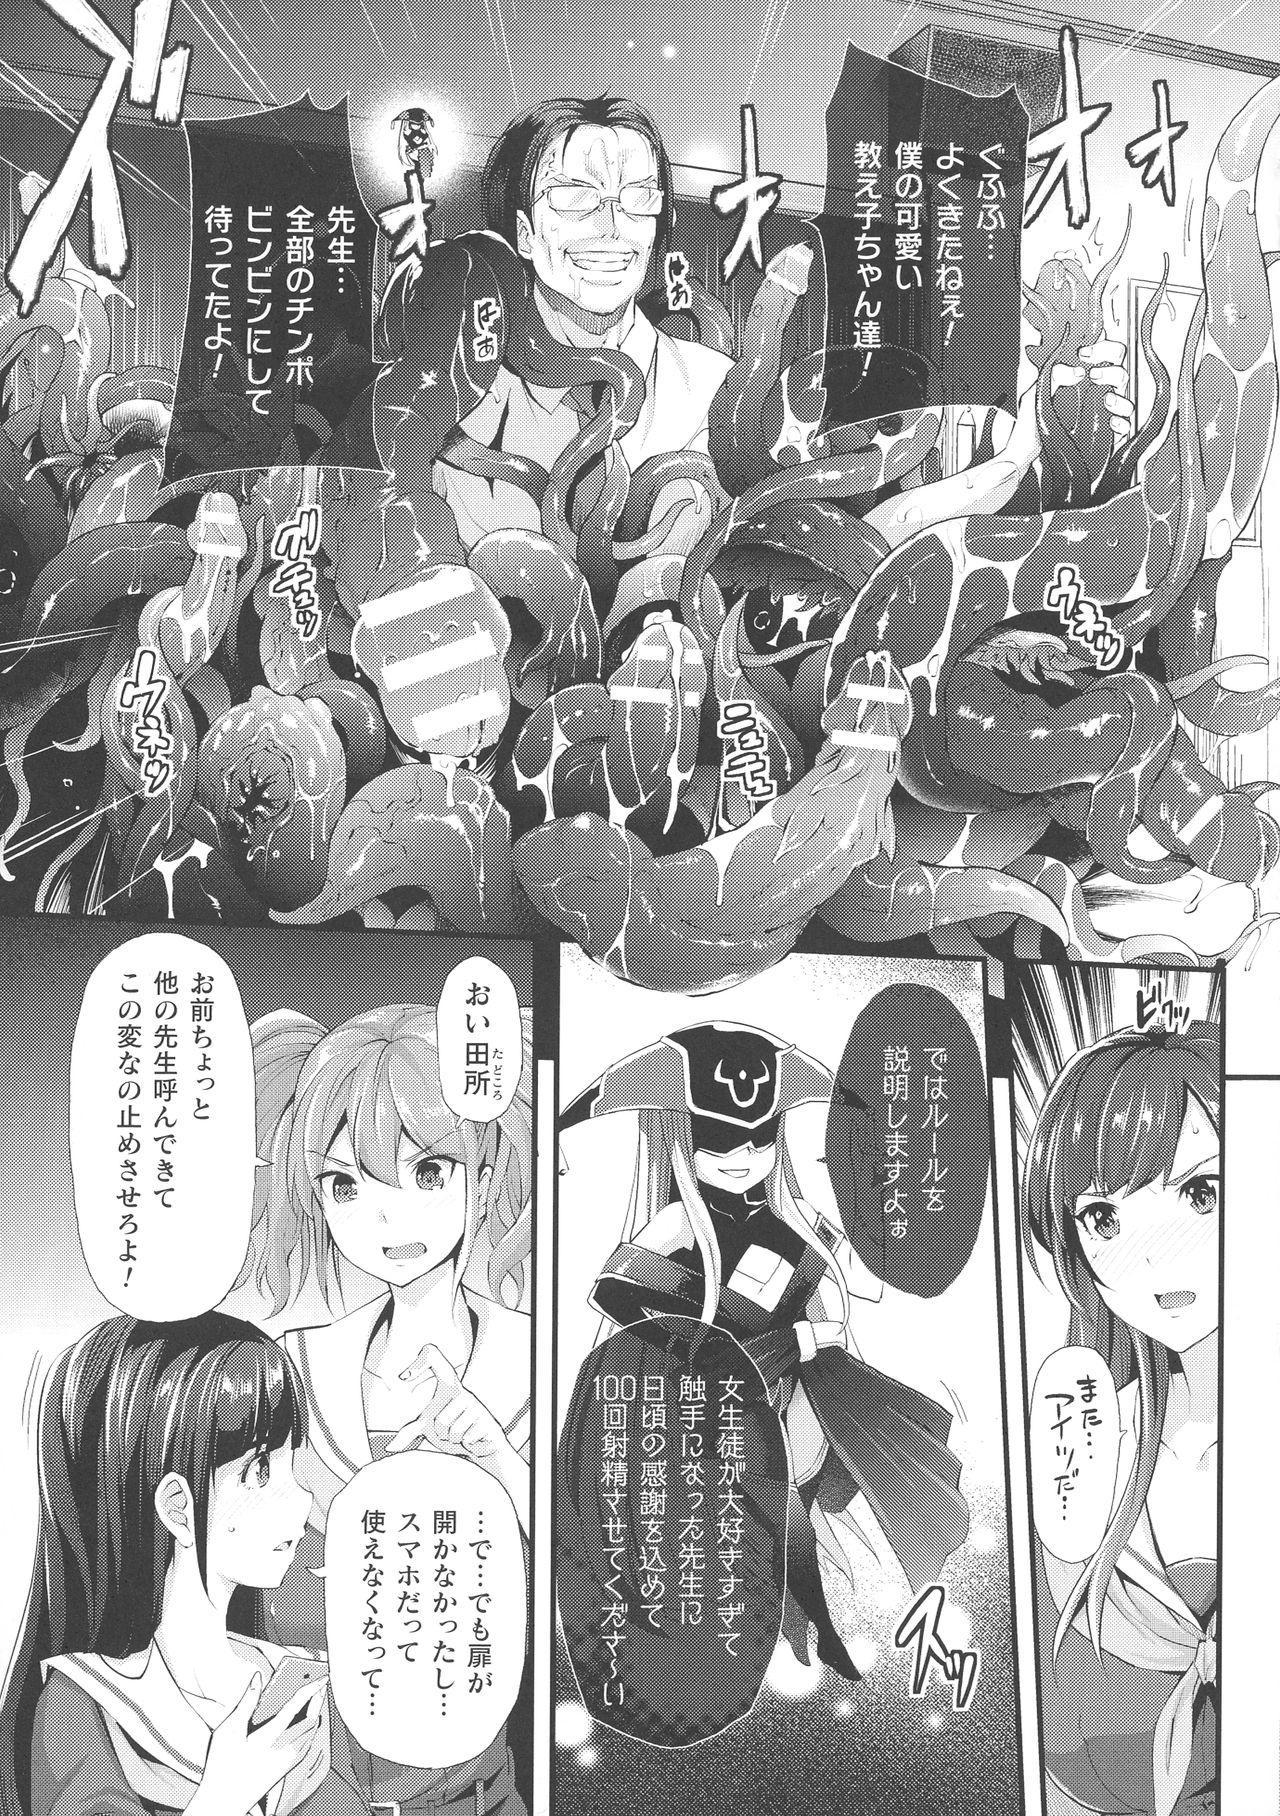 Abandon-100 Nukishinai to Derarenai Fushigi na Kyoushitsu 41